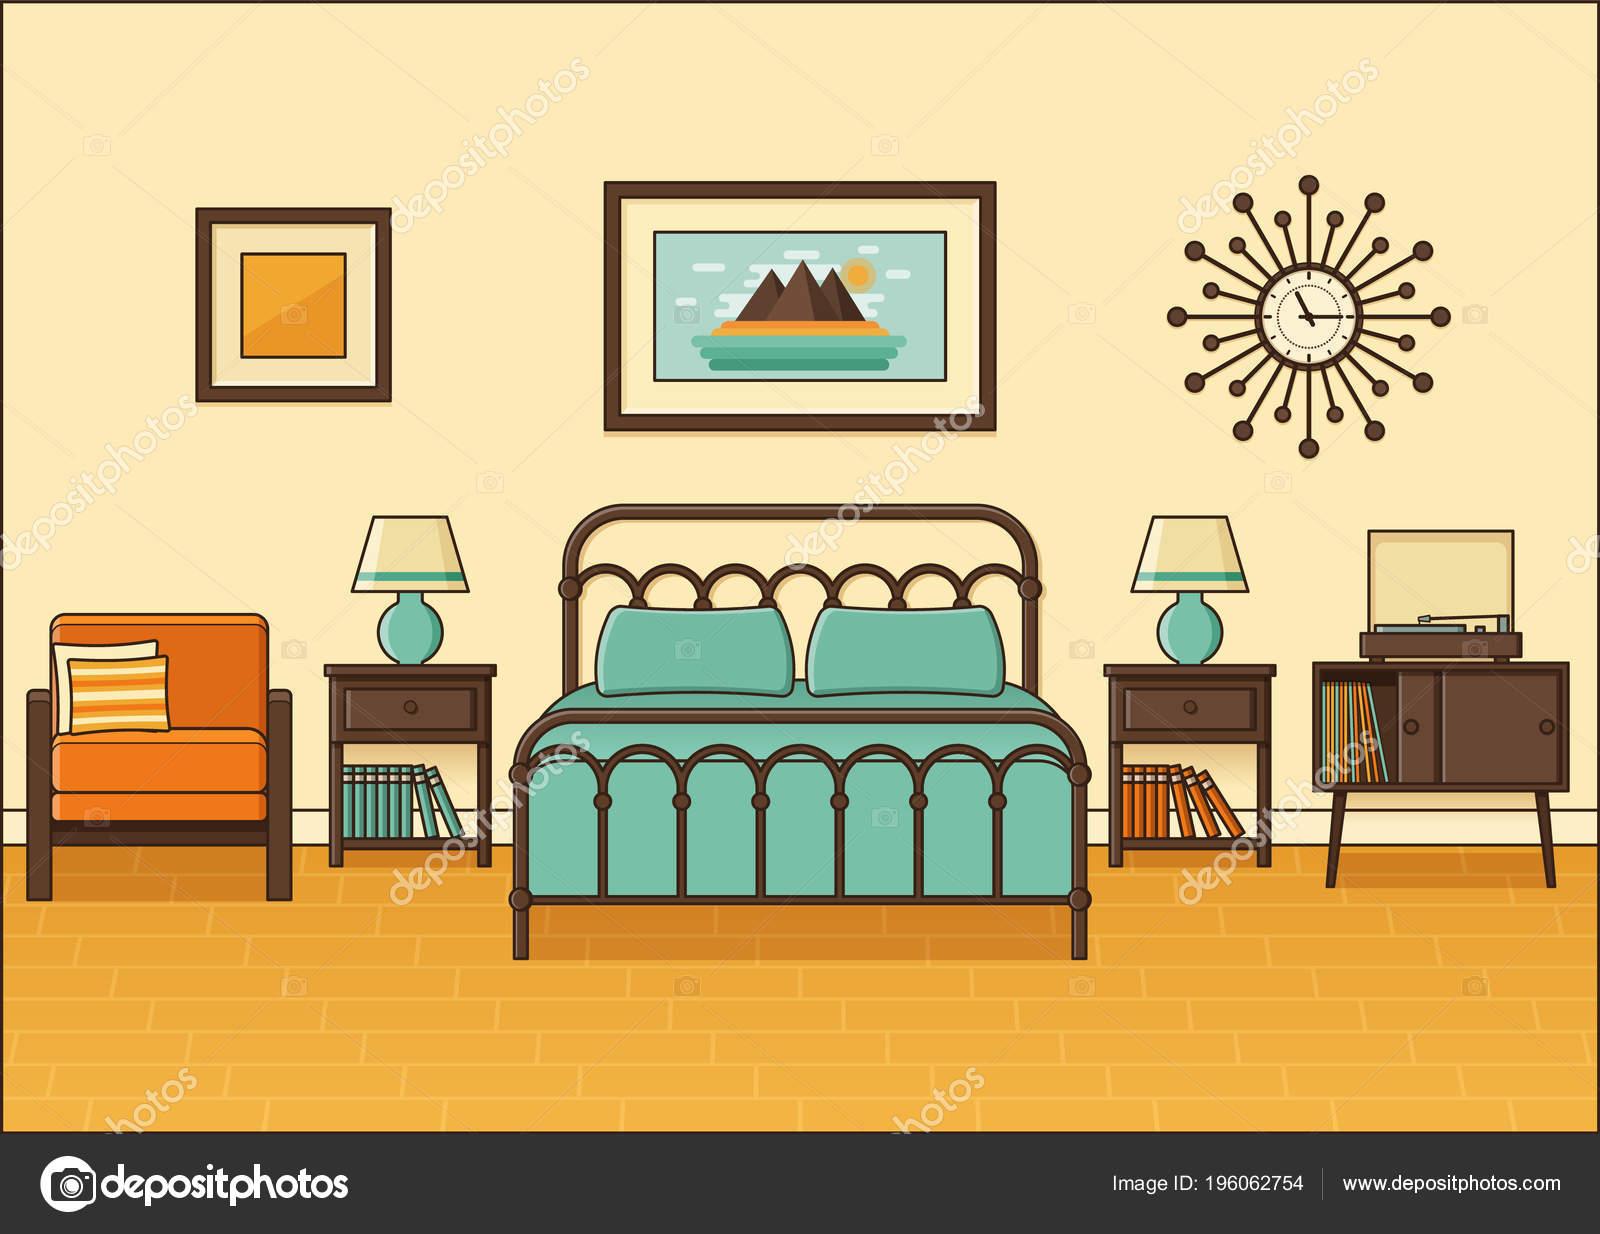 Bedroom Interior Hotel Room Vector Home Retro Space Flat